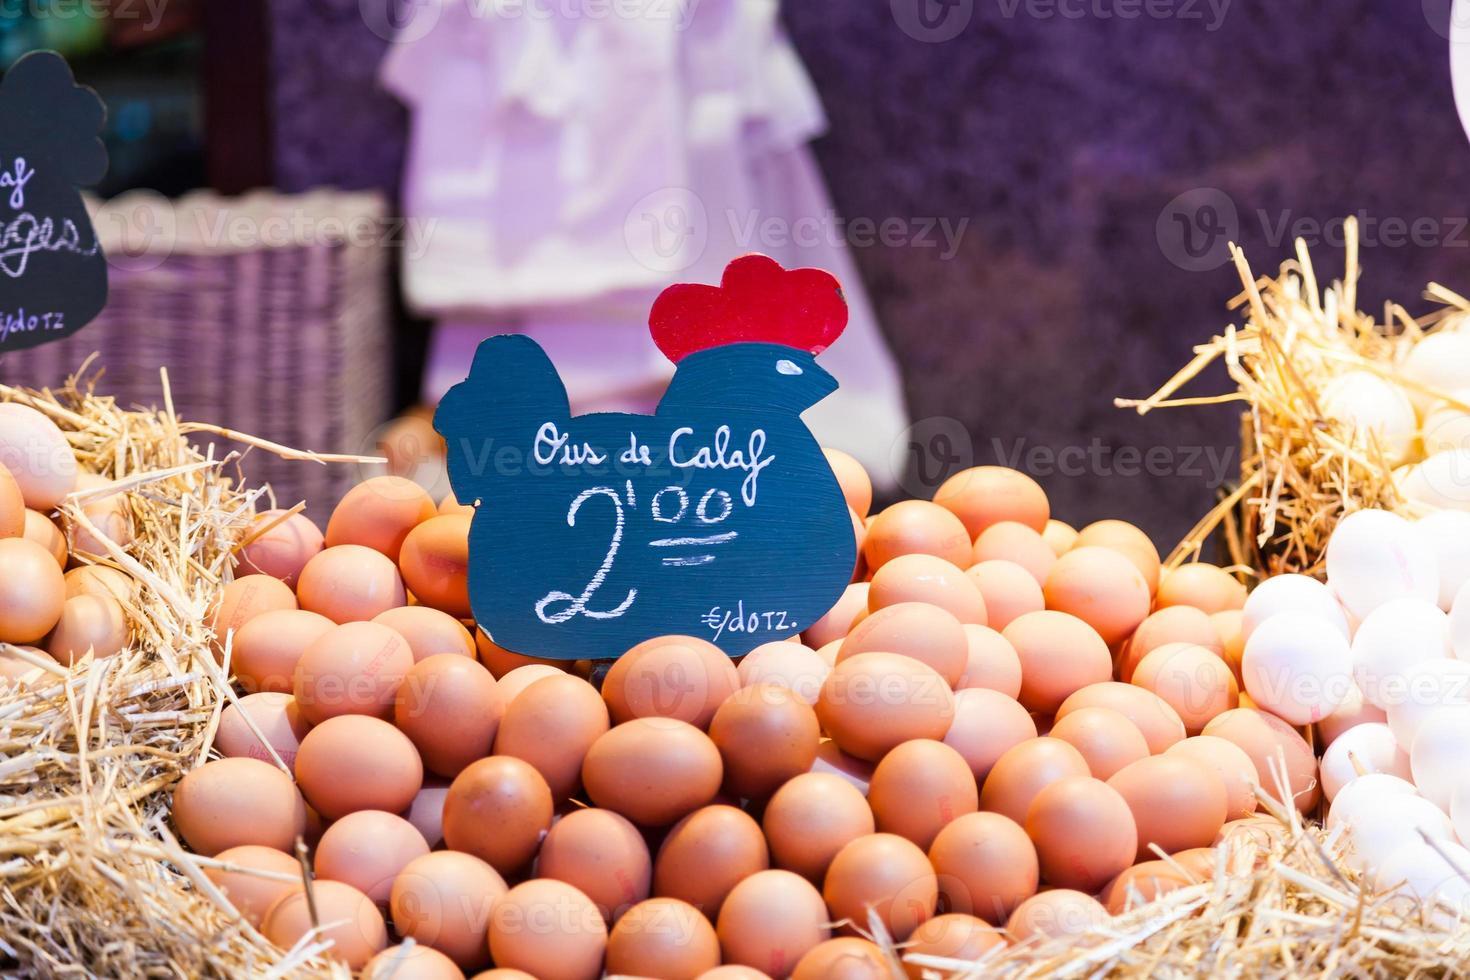 vendedor de ovos foto